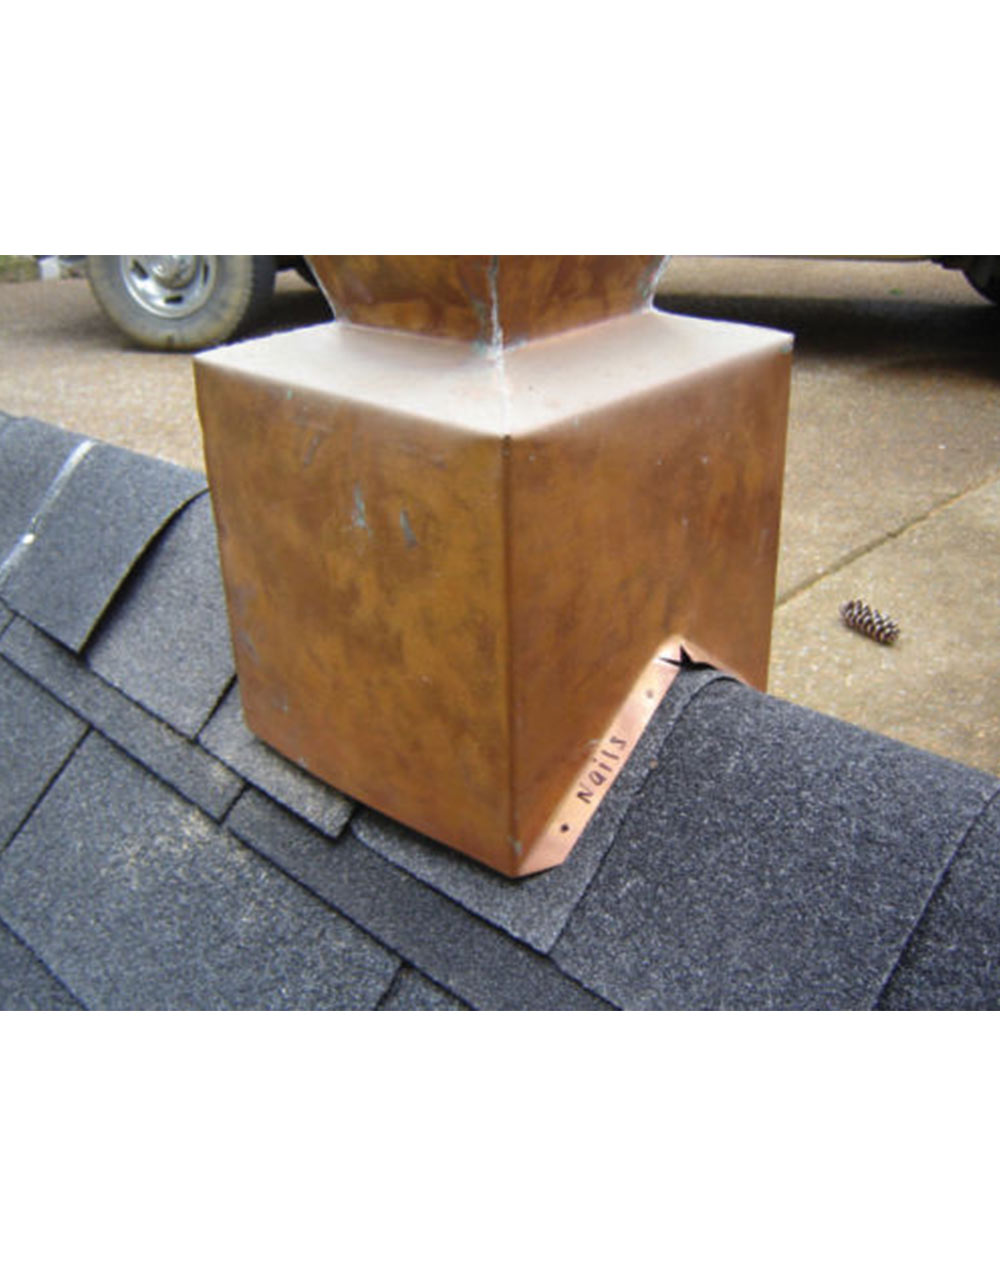 DECORATIVE COPPER  FINIAL HOME DECOR,ROOFING RIDGE COPPER CAP